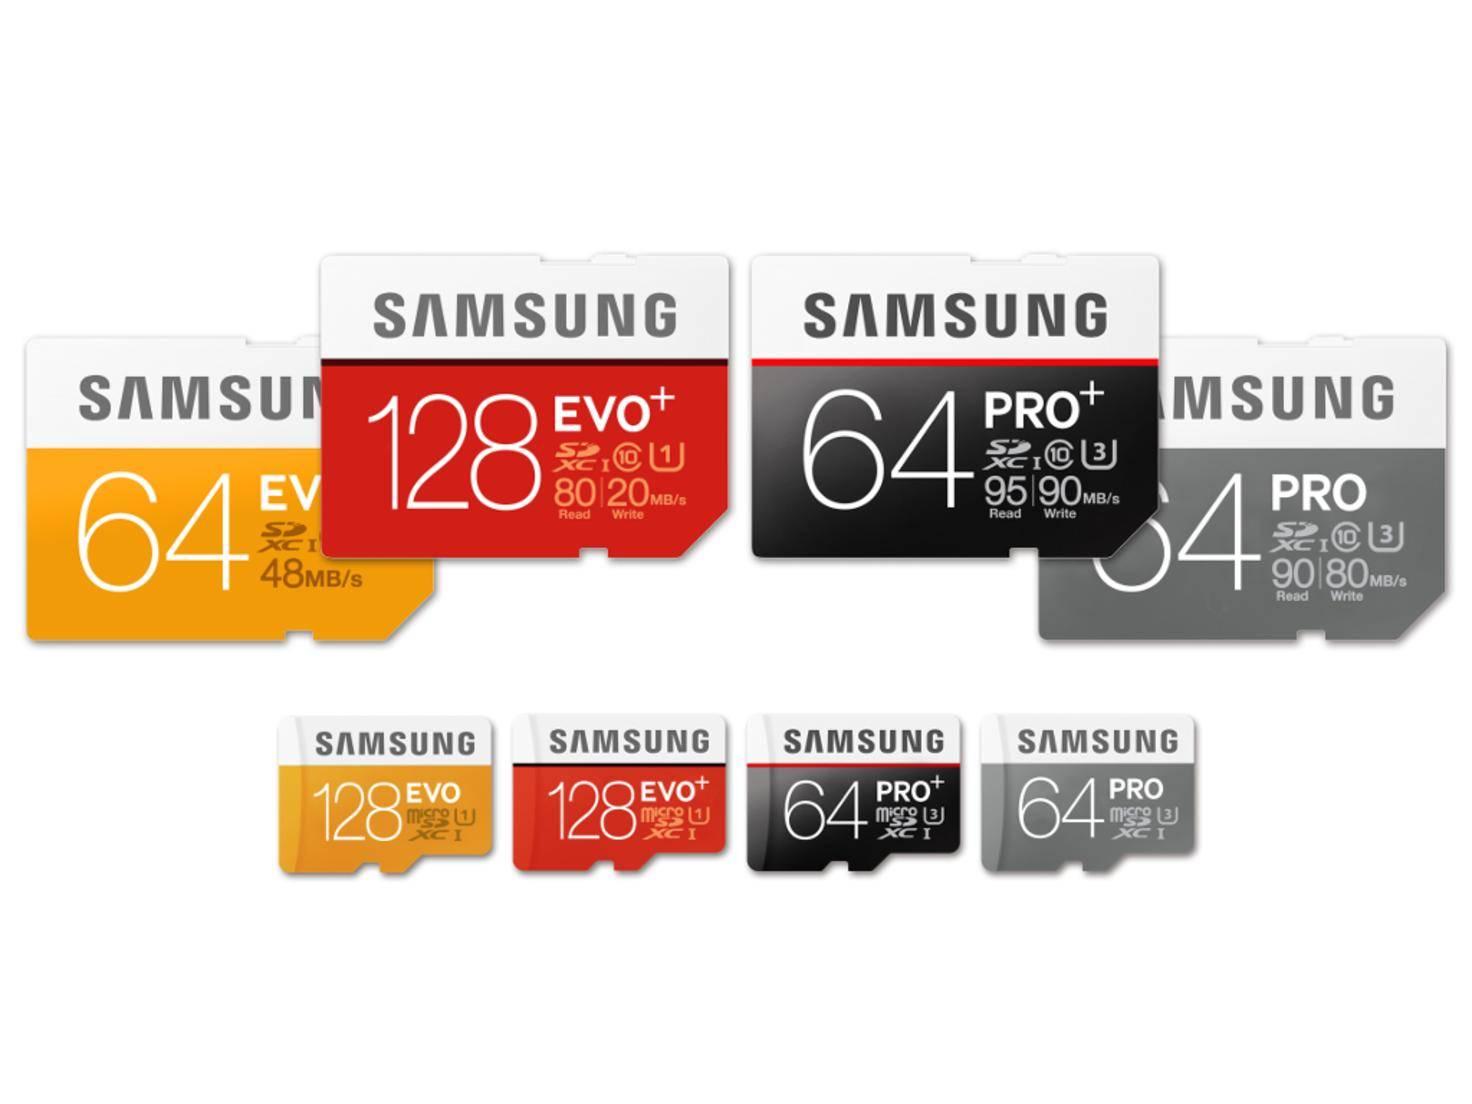 Samsung_Pro_Plus_Evo_Plus